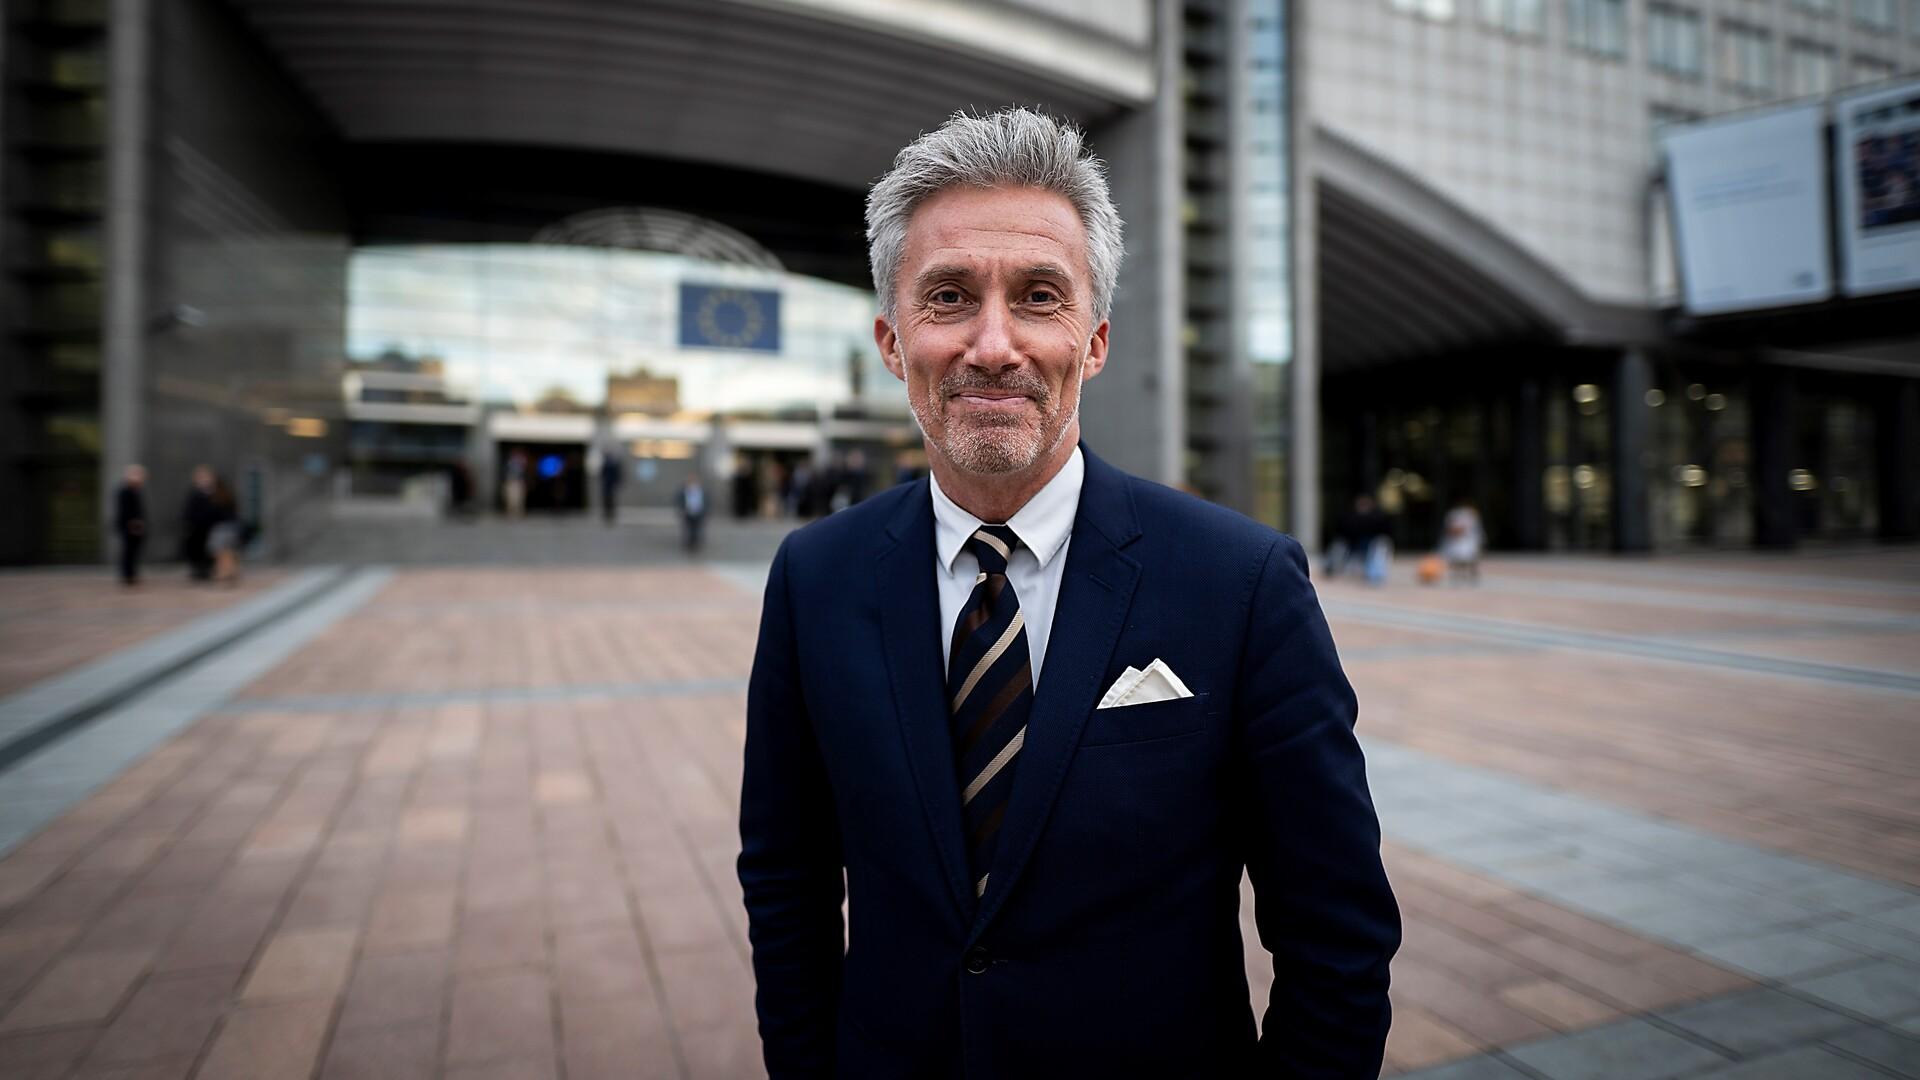 Morten Løkkegaard: Hvis EU's opgør med Orban bliver droppet, stemmer jeg imod EU's budget for de kommende år